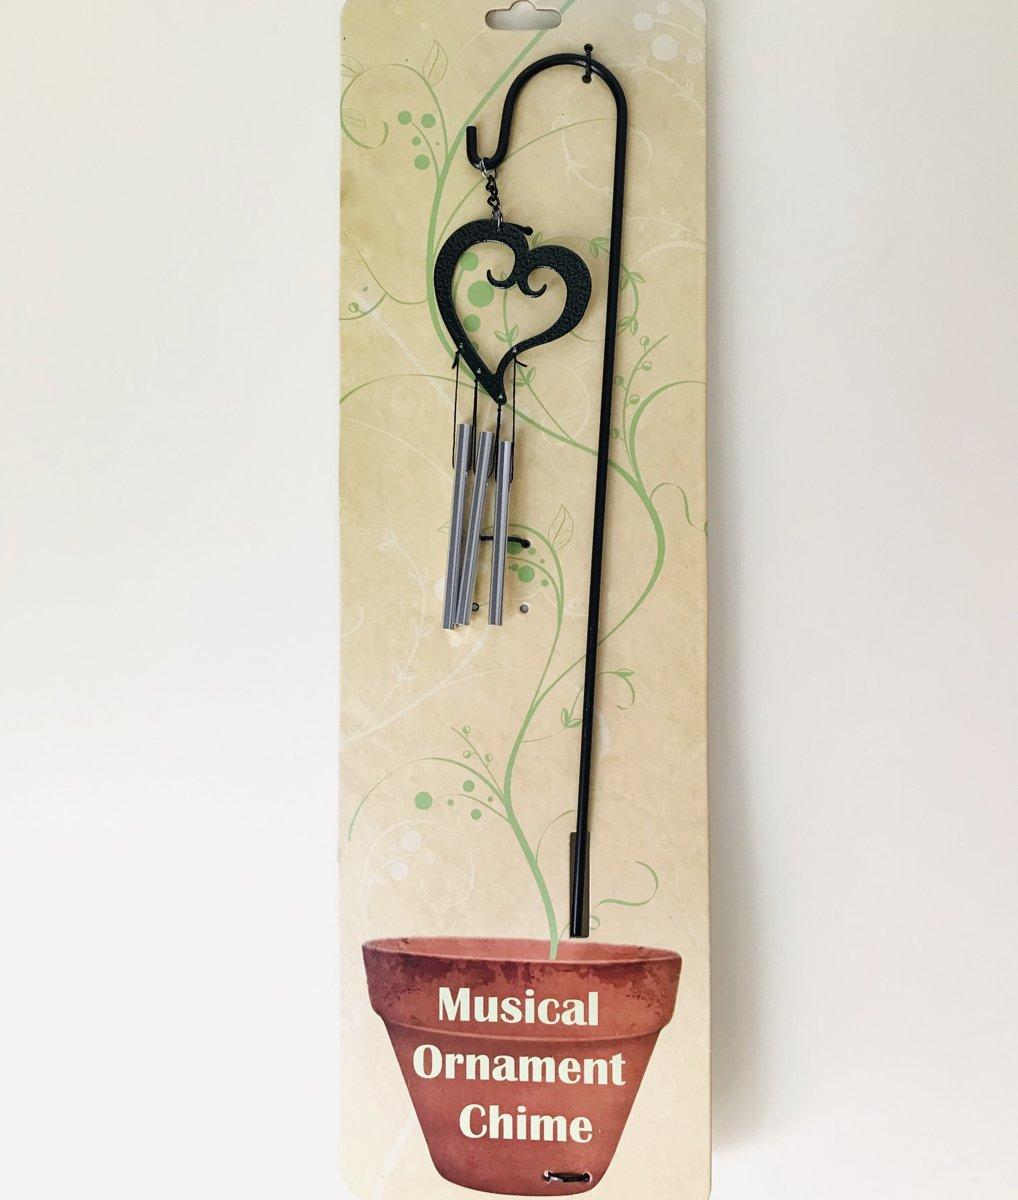 Nature's Melody windgong hart hangend op tuin prikker.9x46c0.5cm. Metalen Tuinsteker. tuindecoratie. Tuinsteker windgong met uil. U krijgt nog een windgong 7x17x2cm van sleepy hollow  gratis